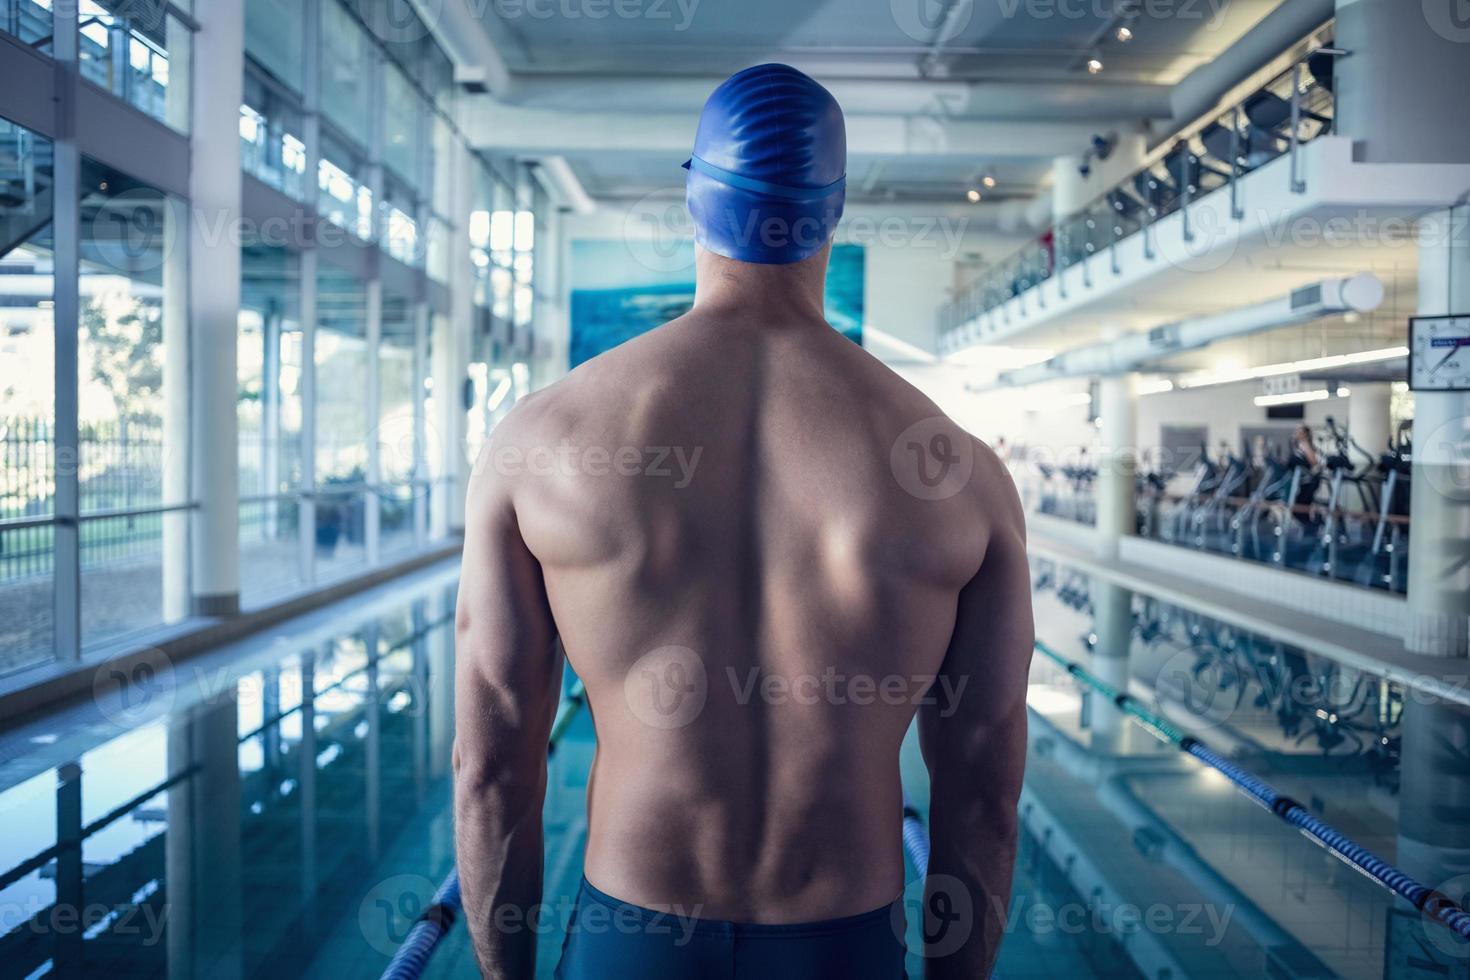 vista traseira do nadador sem camisa na piscina no centro de lazer foto